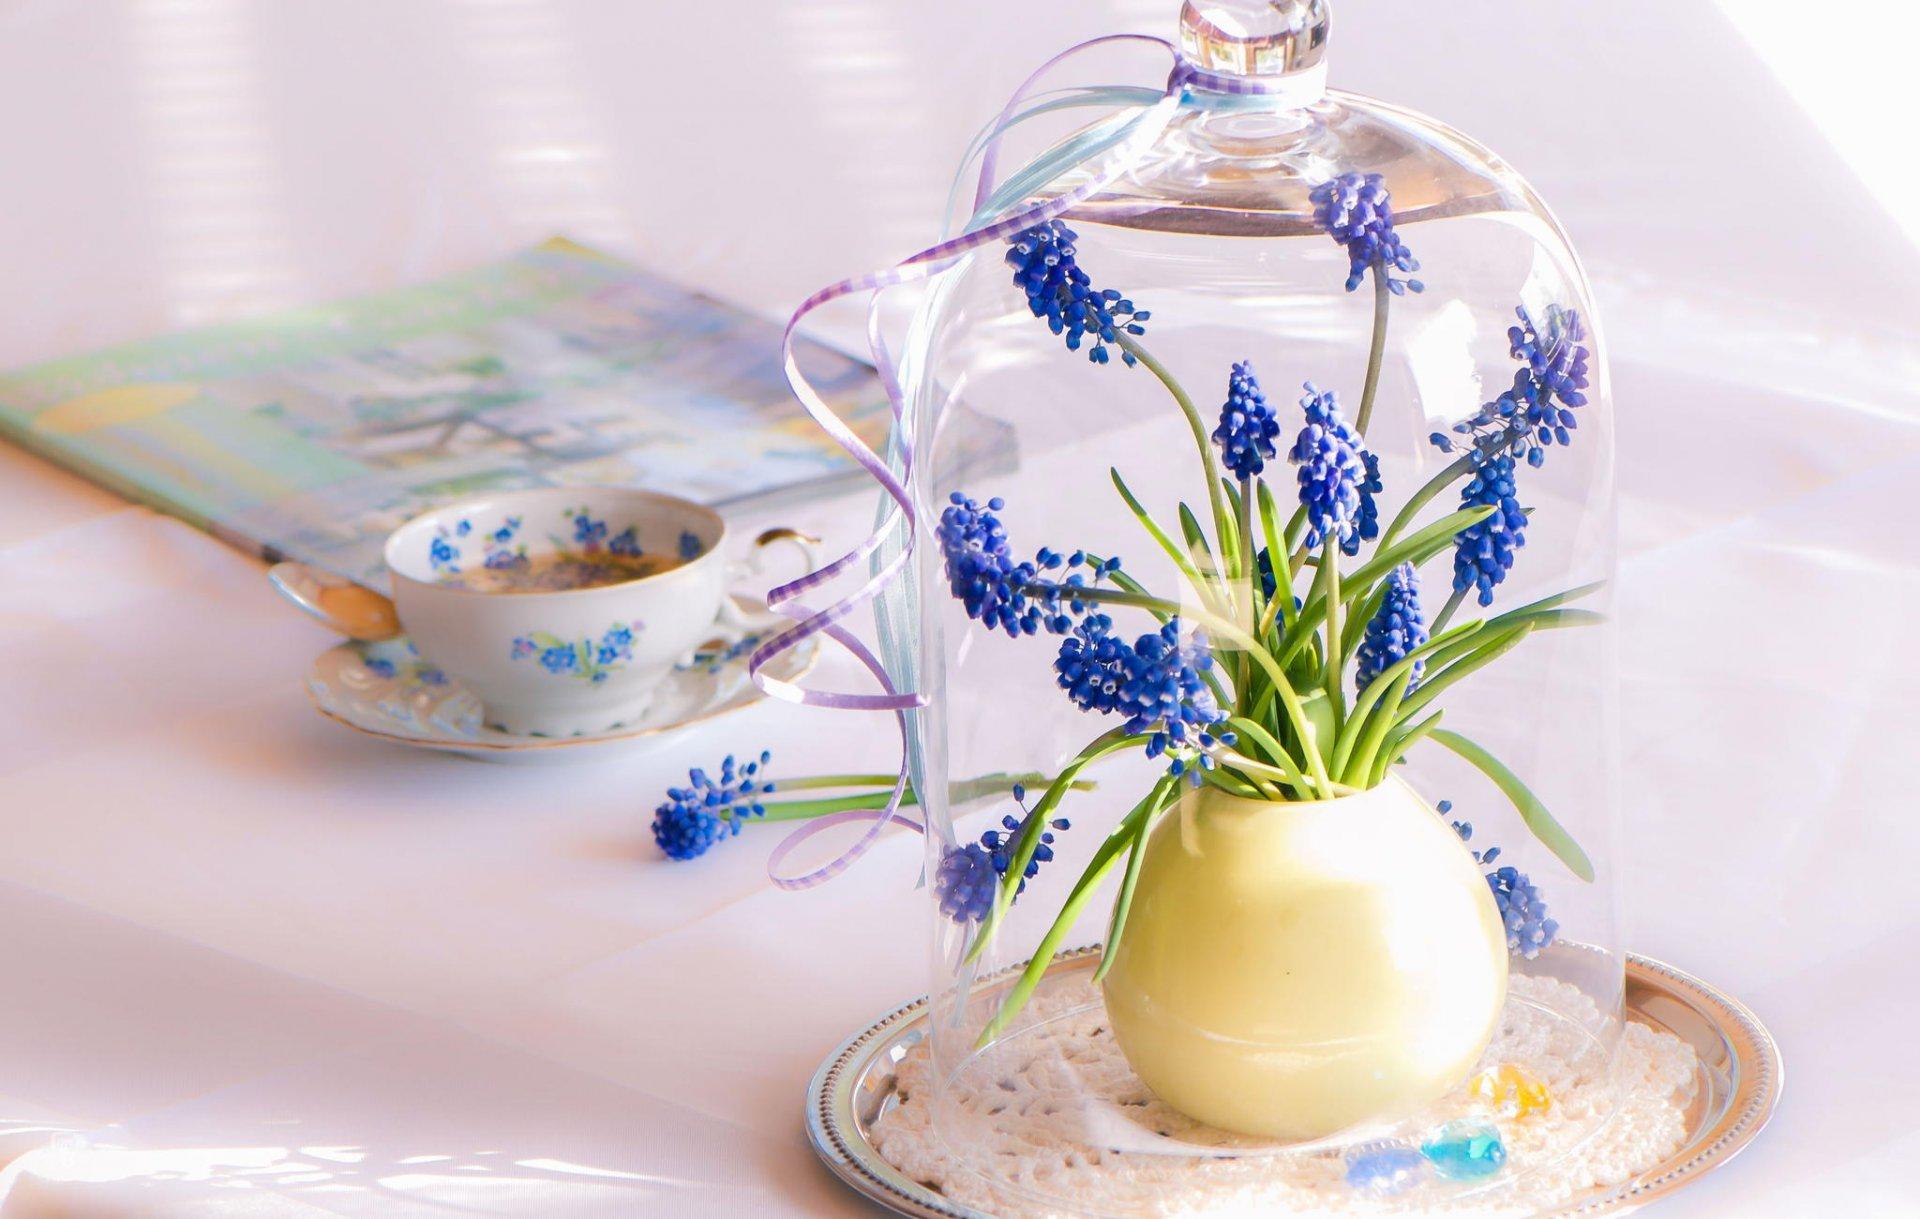 Обои стол, цветы, синие, серверовка. Цветы foto 6